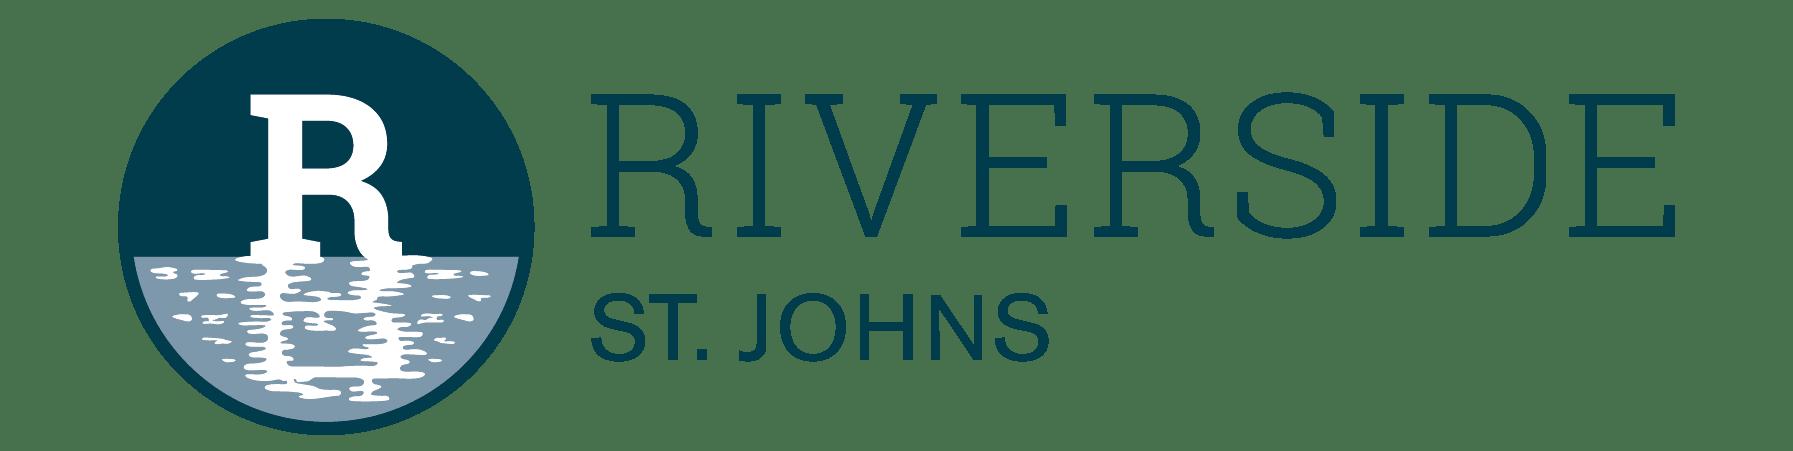 Riverside St. Johns